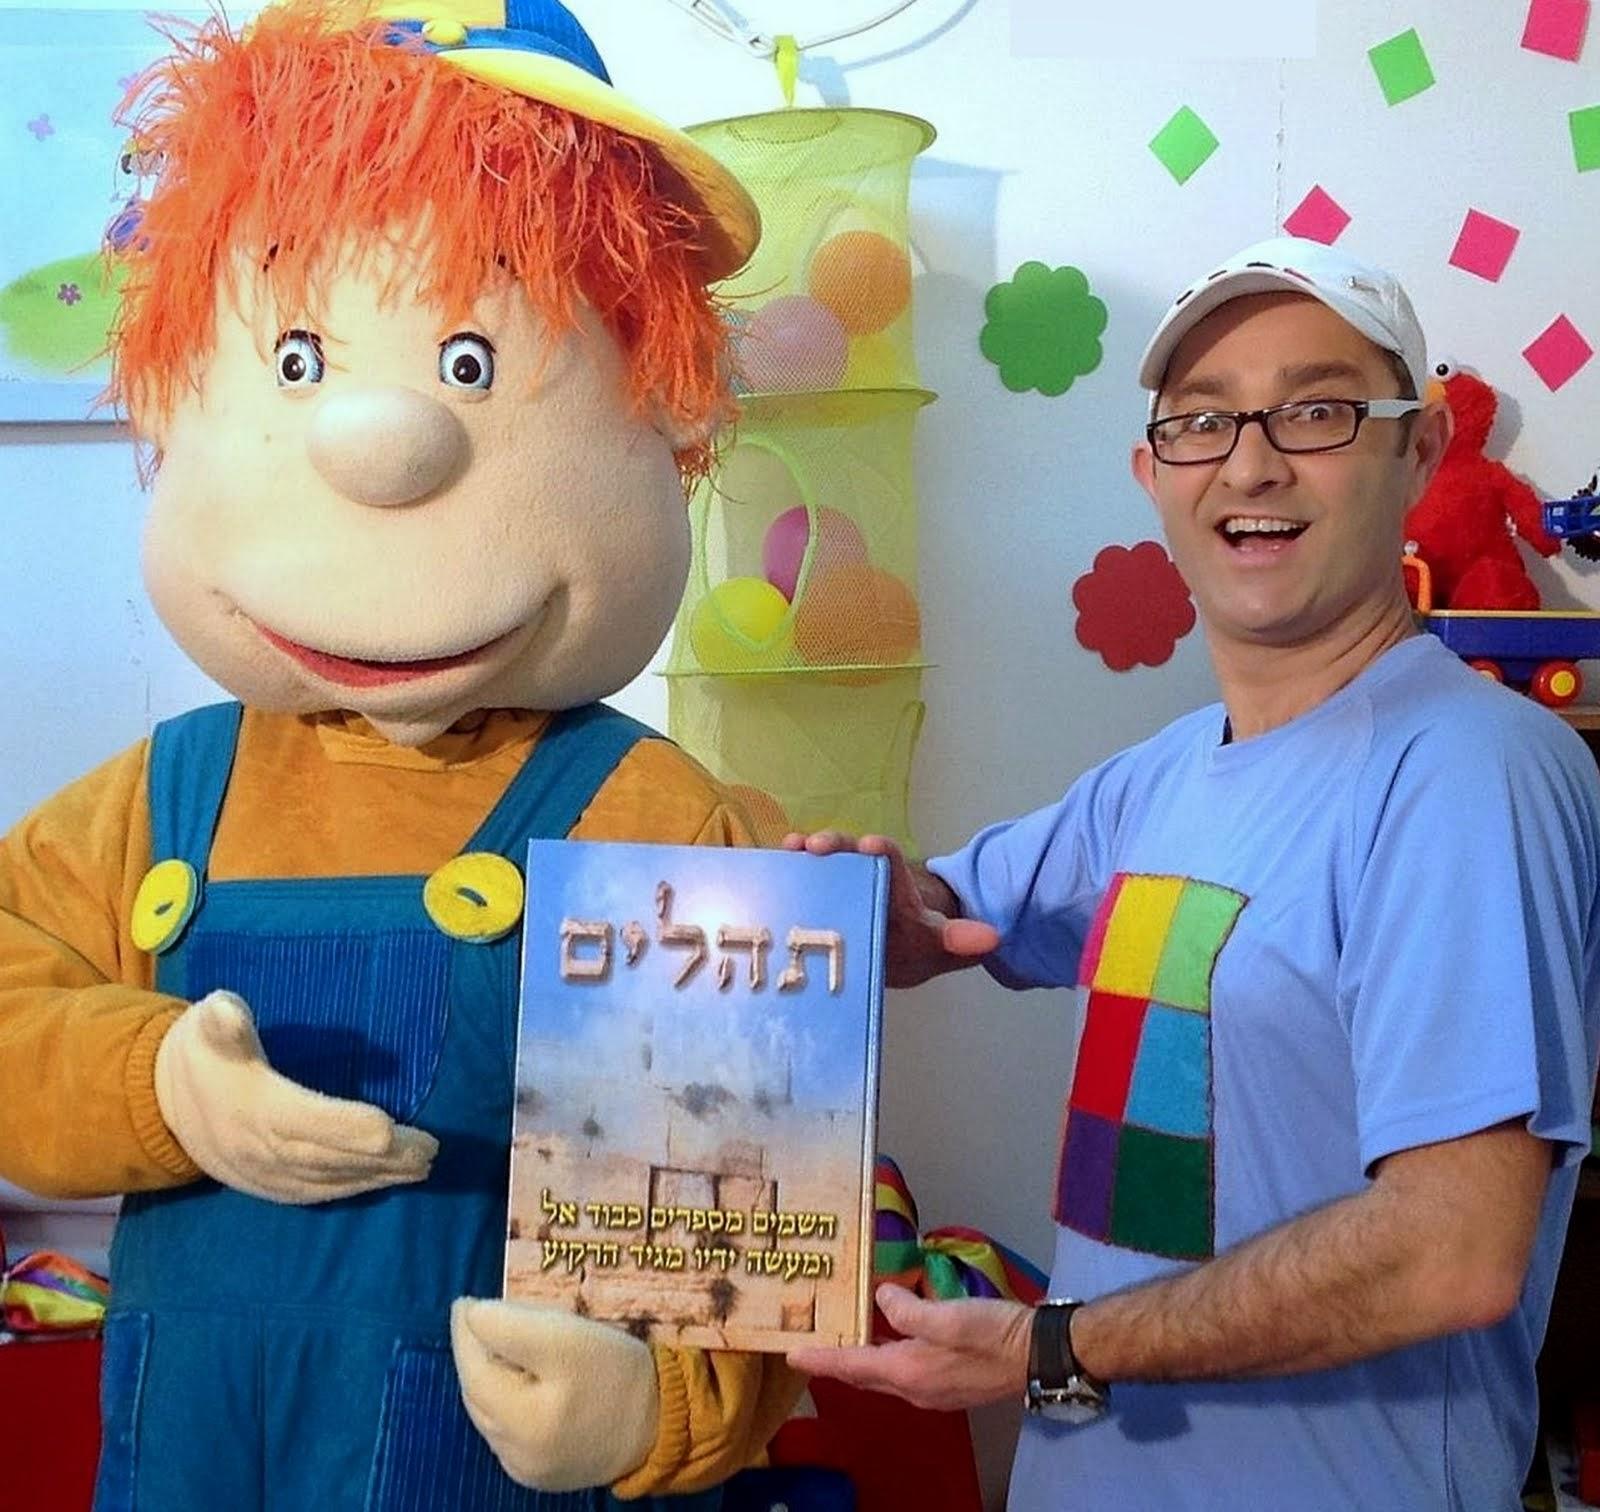 שלומי וסתם פוגשים את ספר תהילים !